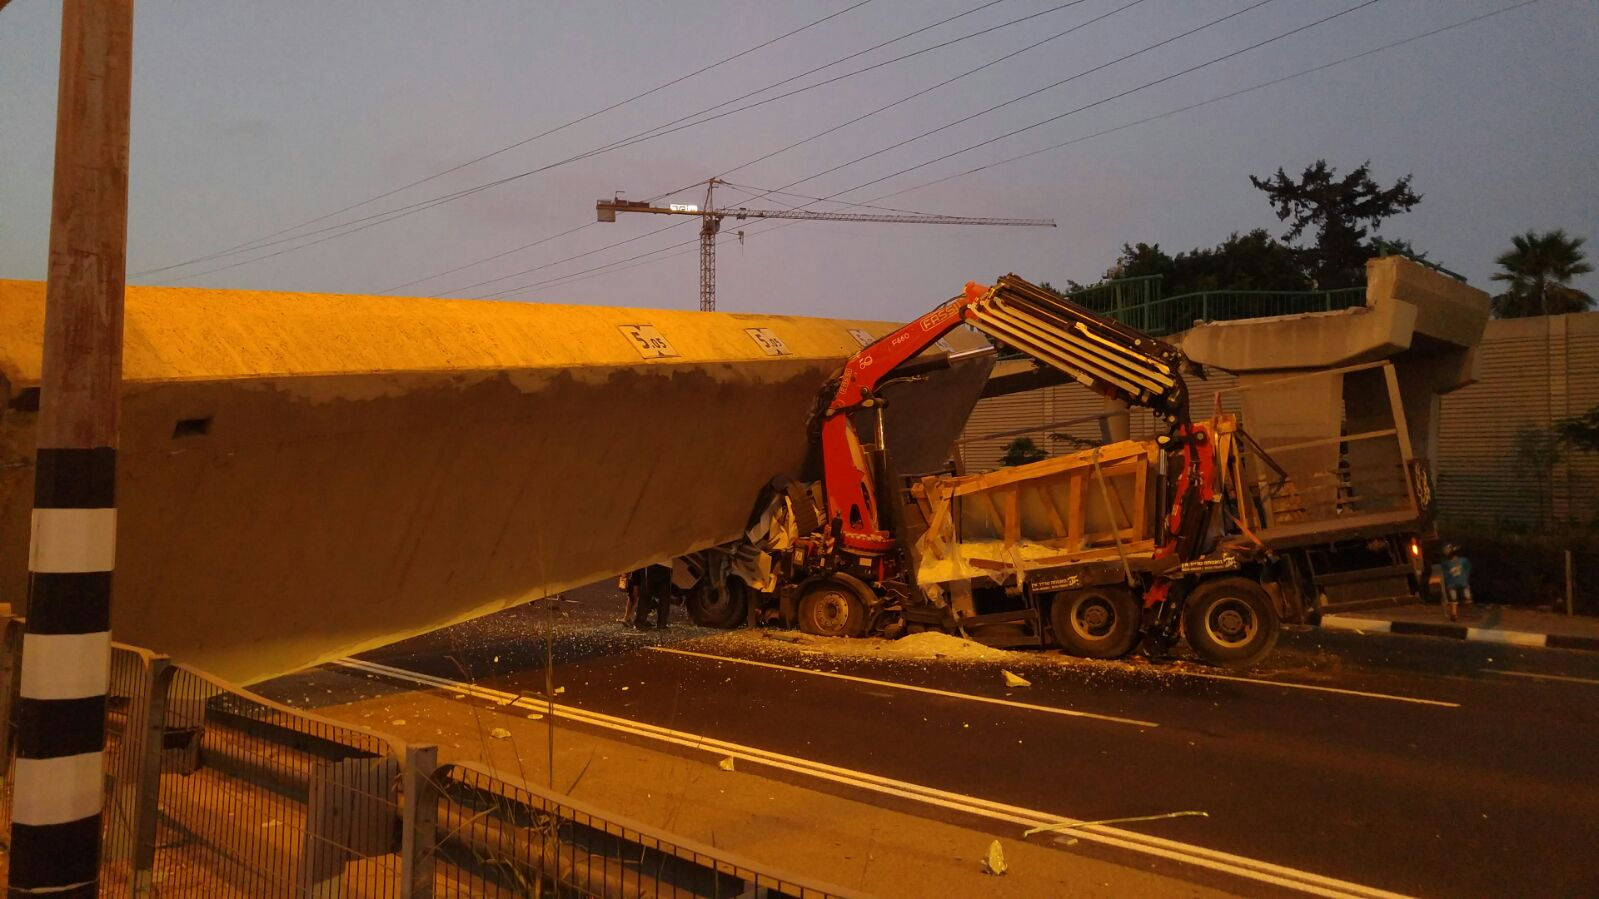 בדיקת מהנדס קבעה לפני מספר חודשים: מצב הגשר תקין לחלוטין